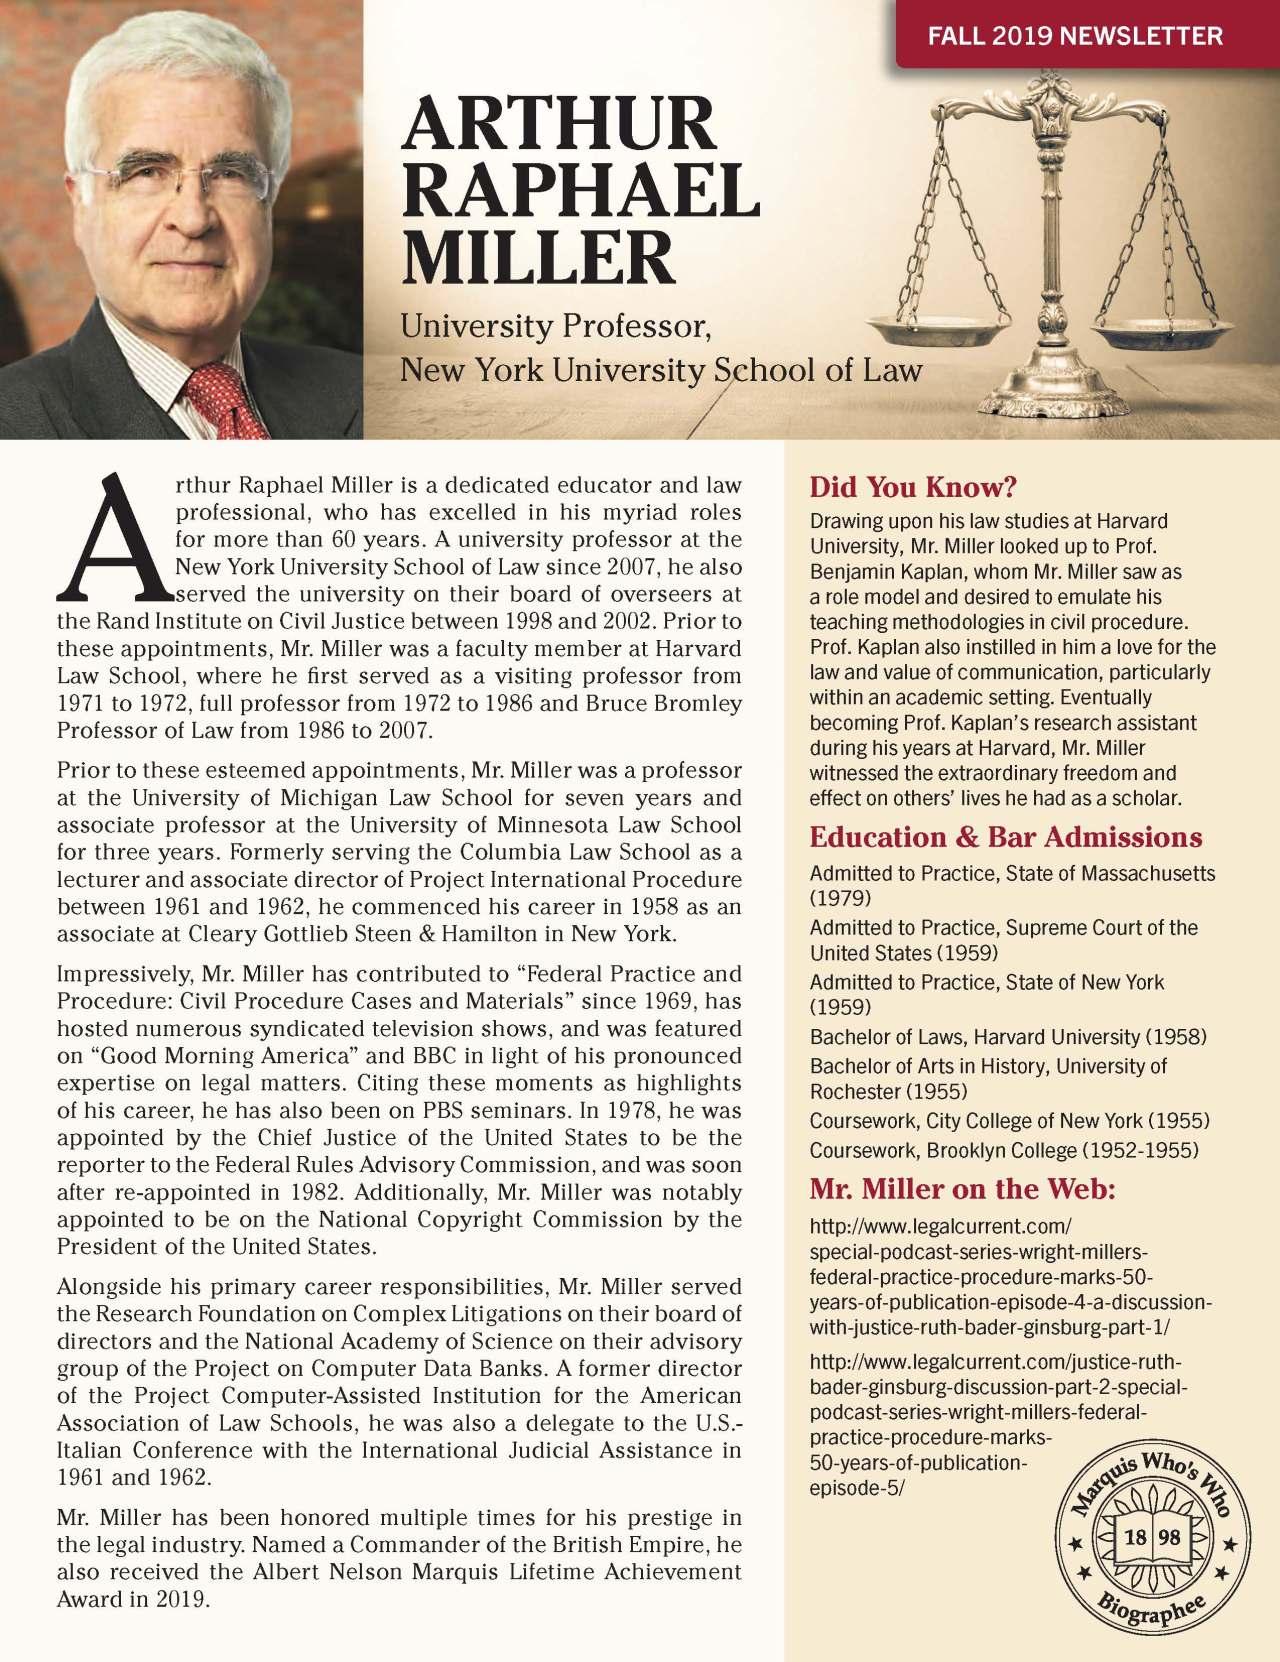 Miller, Arthur 4131770_2537508 Newsletter REVISED